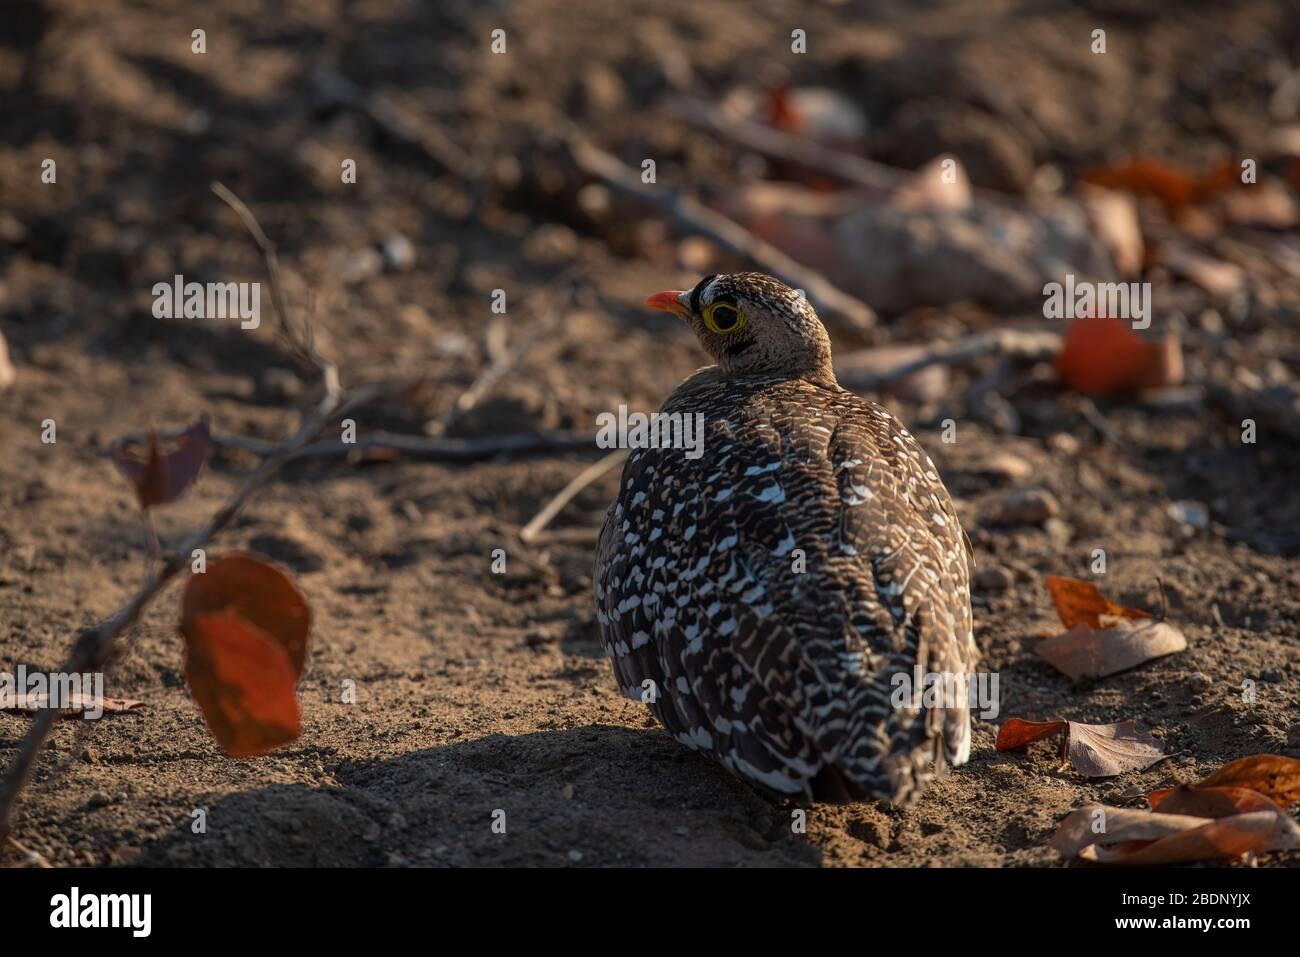 Lechada de arena masculina situada en un bosque de mopanos Foto de stock